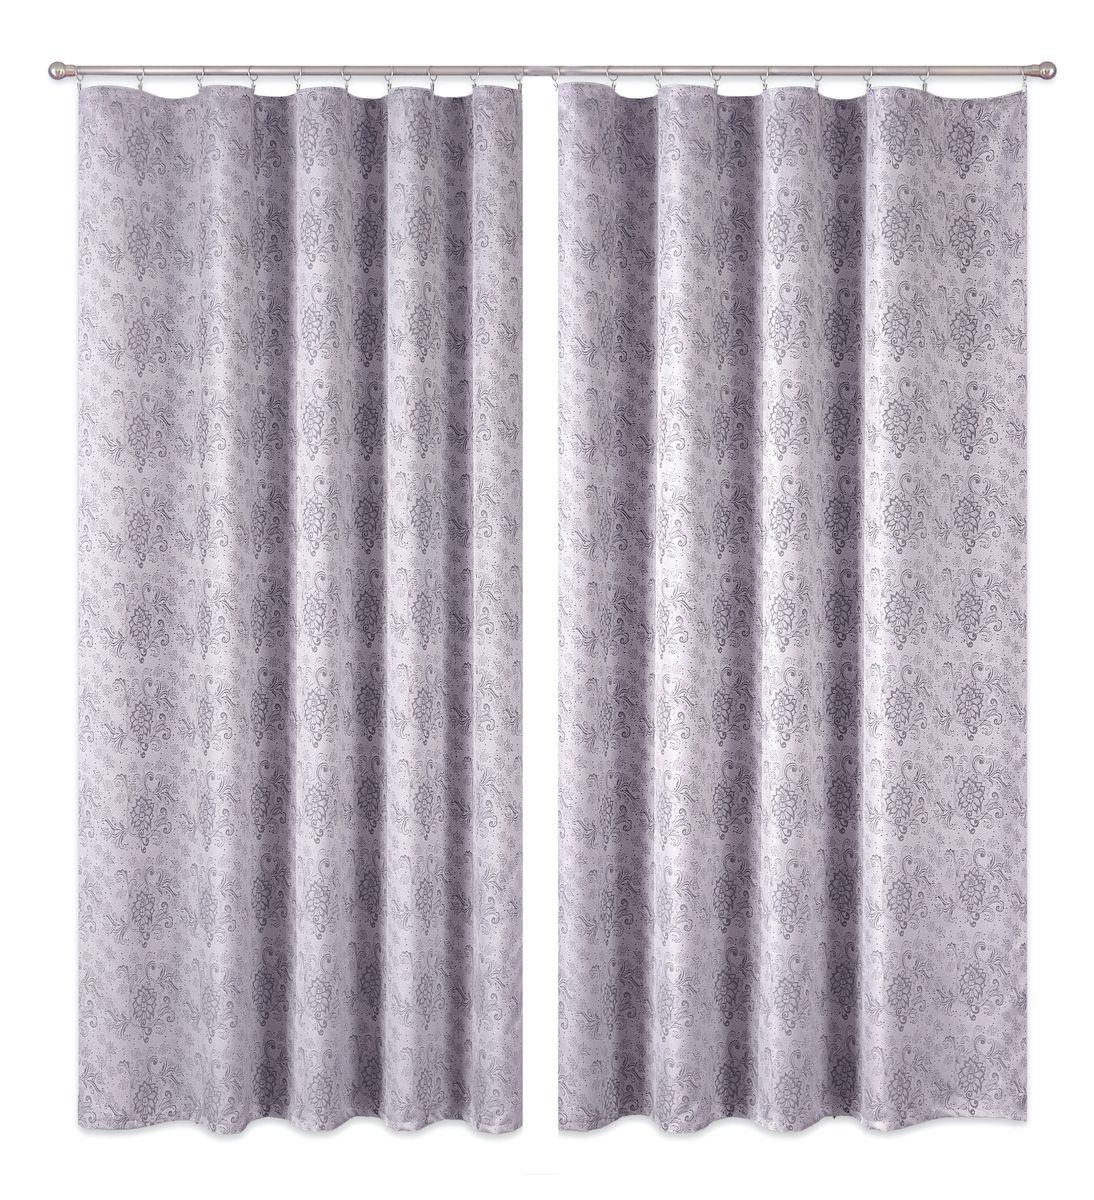 Комплект штор P Primavera Firany, цвет: серый, высота 270 см. 11100221110022Комплект штор из полиэстровой жаккардовой ткани с пришитой шторной лентой. Размер - ширина 180 см высота 270см. Набор 2 штуки. Цвет серый. Размер: ширина 180 х высота 270